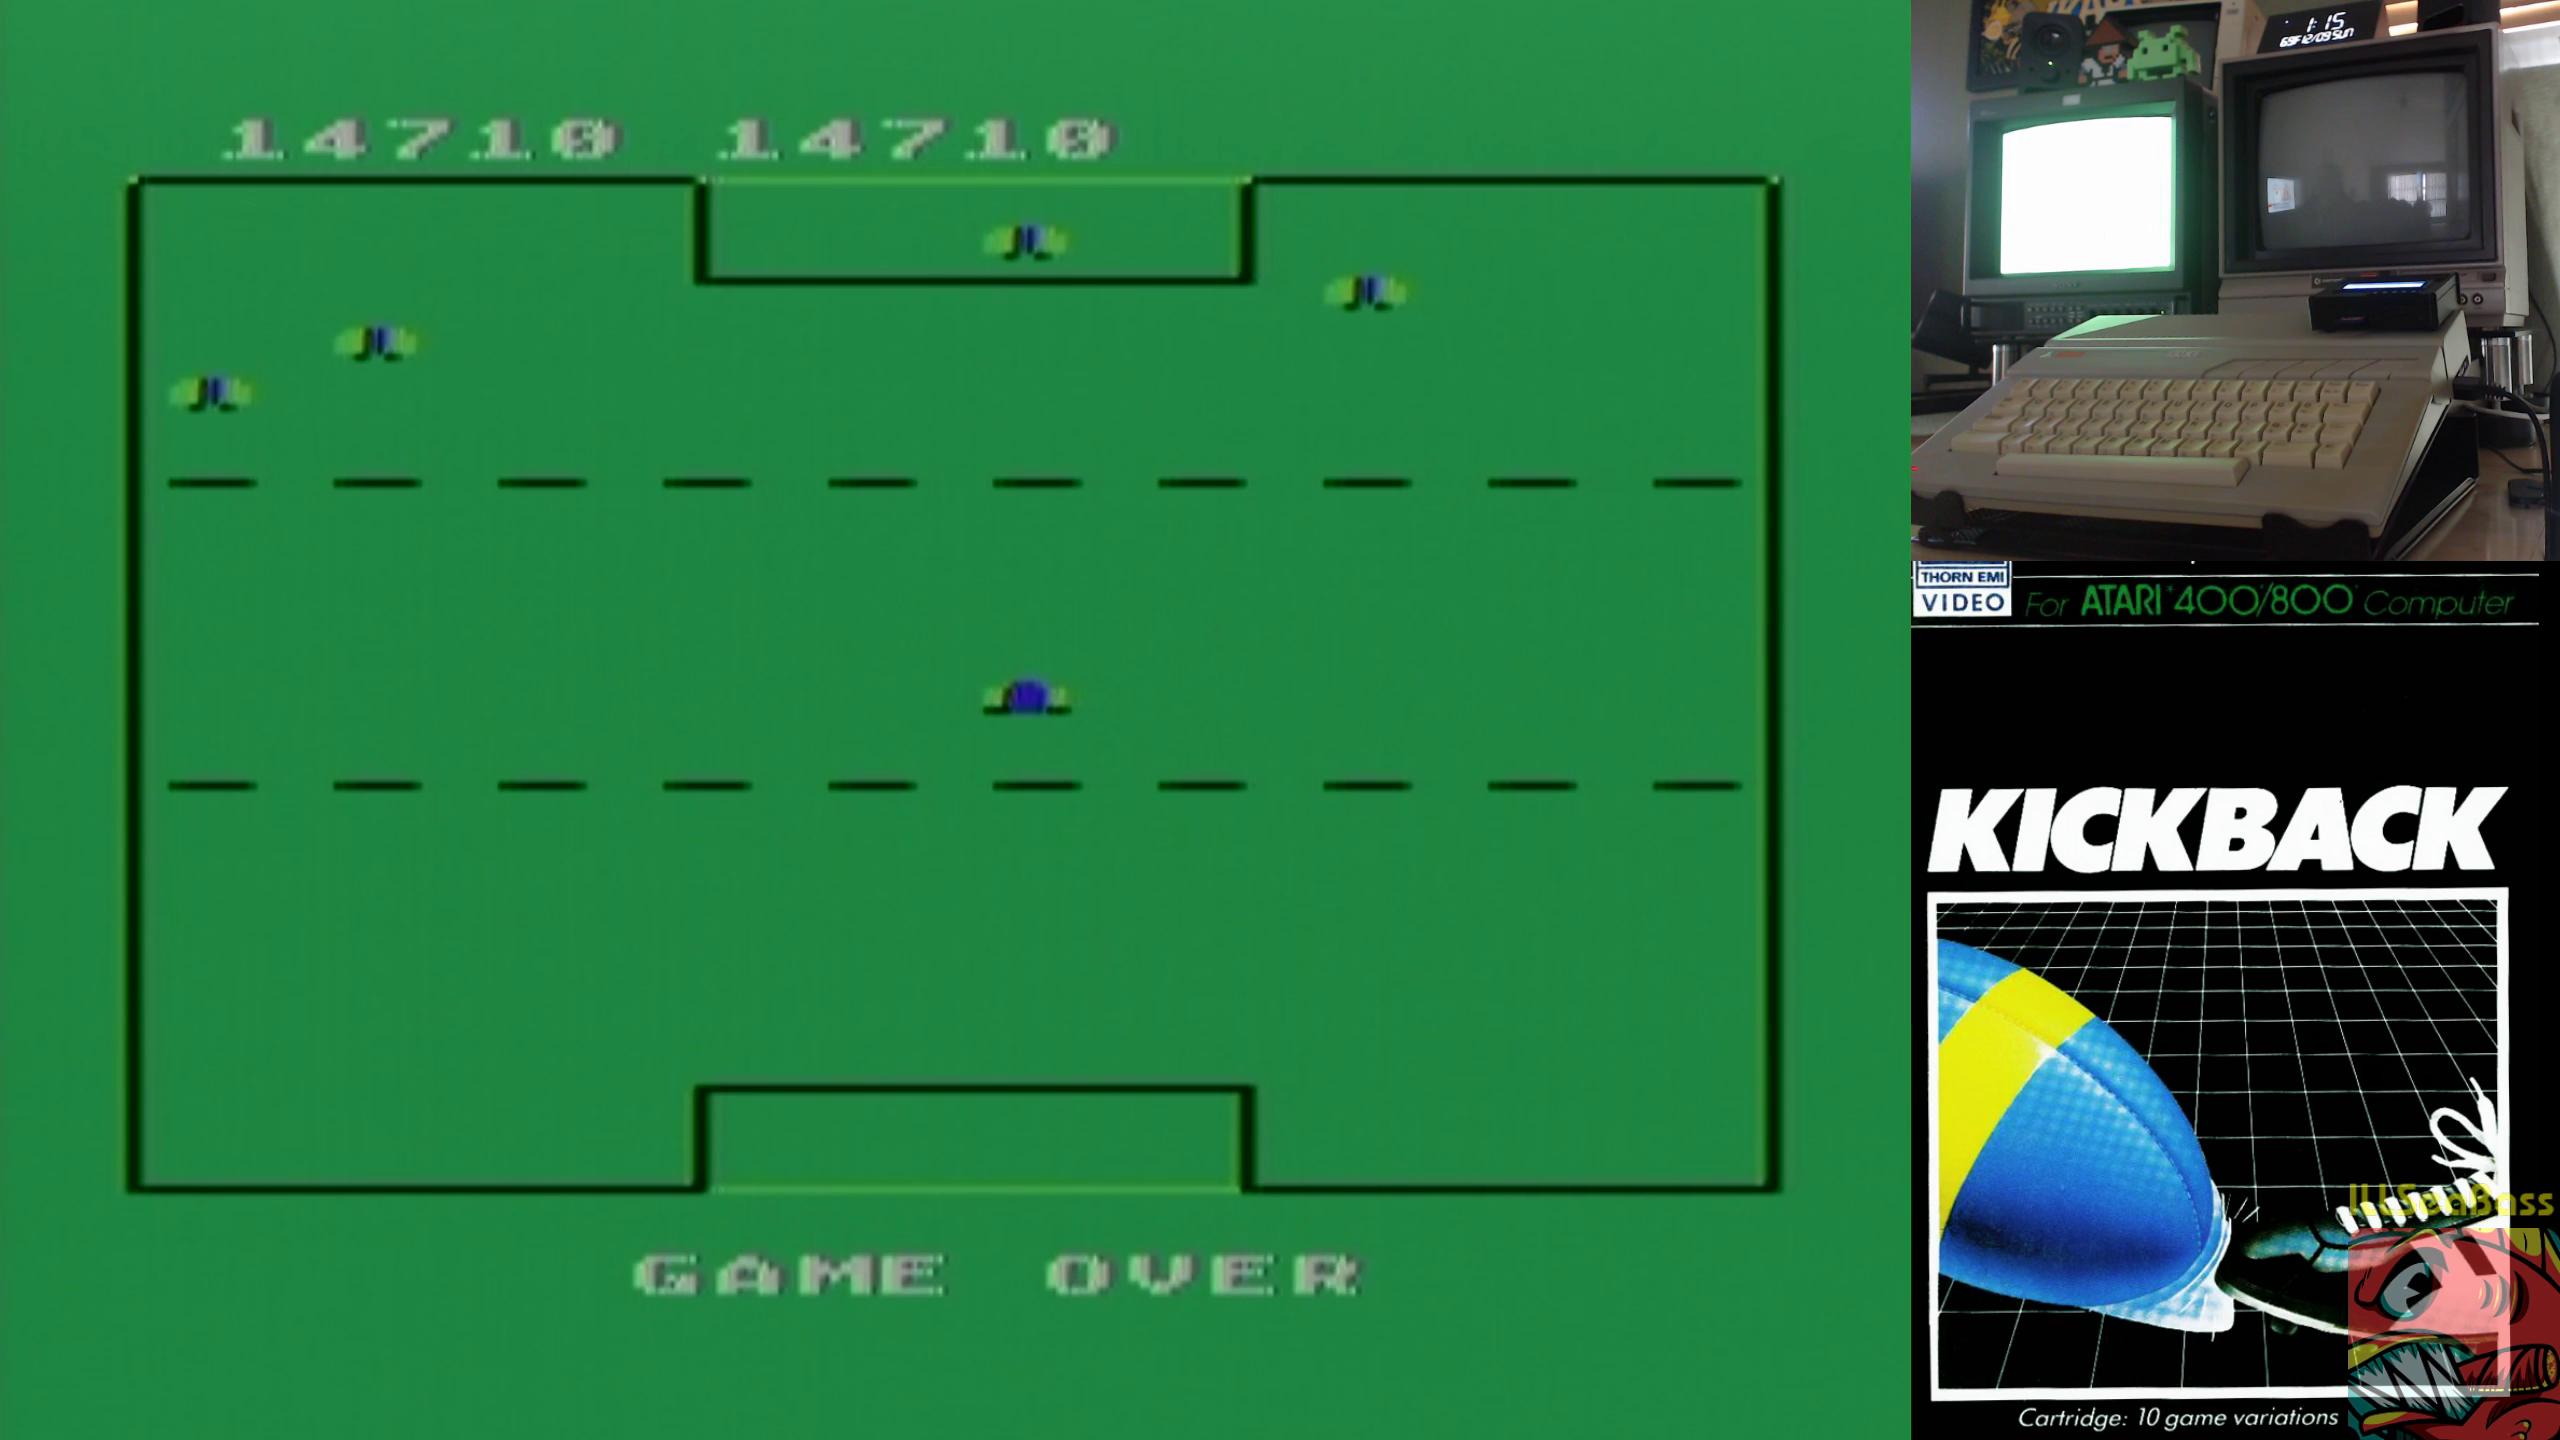 ILLSeaBass: Kickback (Atari 400/800/XL/XE) 14,710 points on 2019-11-22 14:36:33